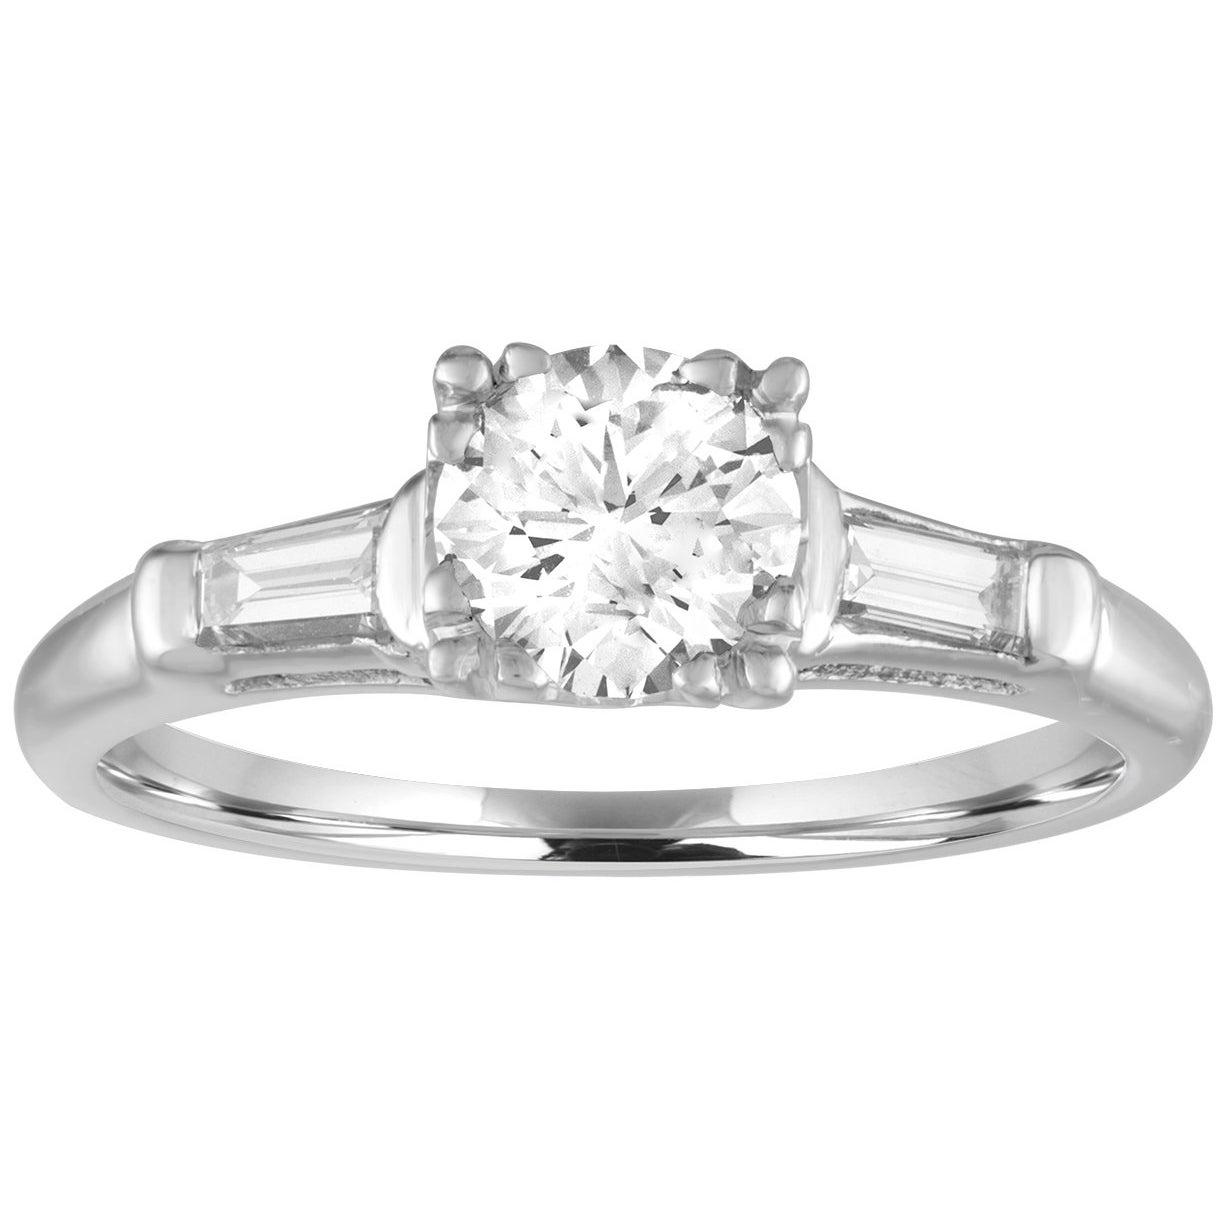 0.74 Carat Round Diamond Platinum Engagement Ring